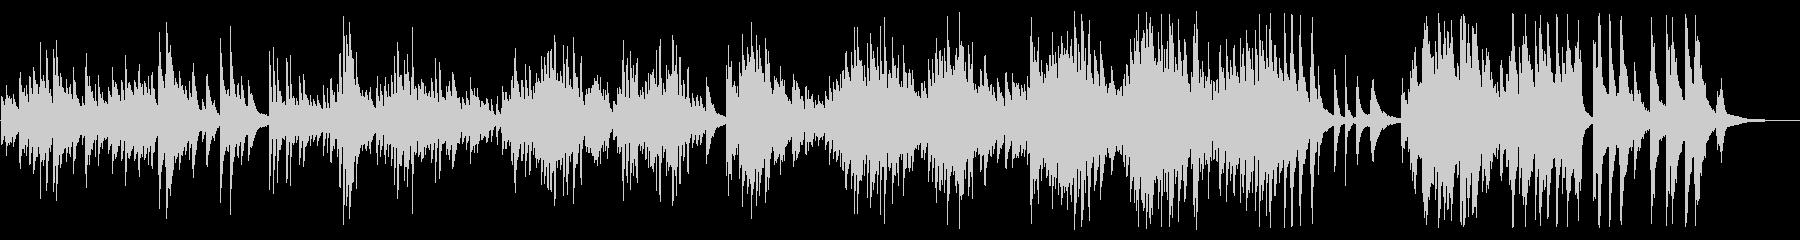 広がりのあるしっとりとしたピアノBGMの未再生の波形